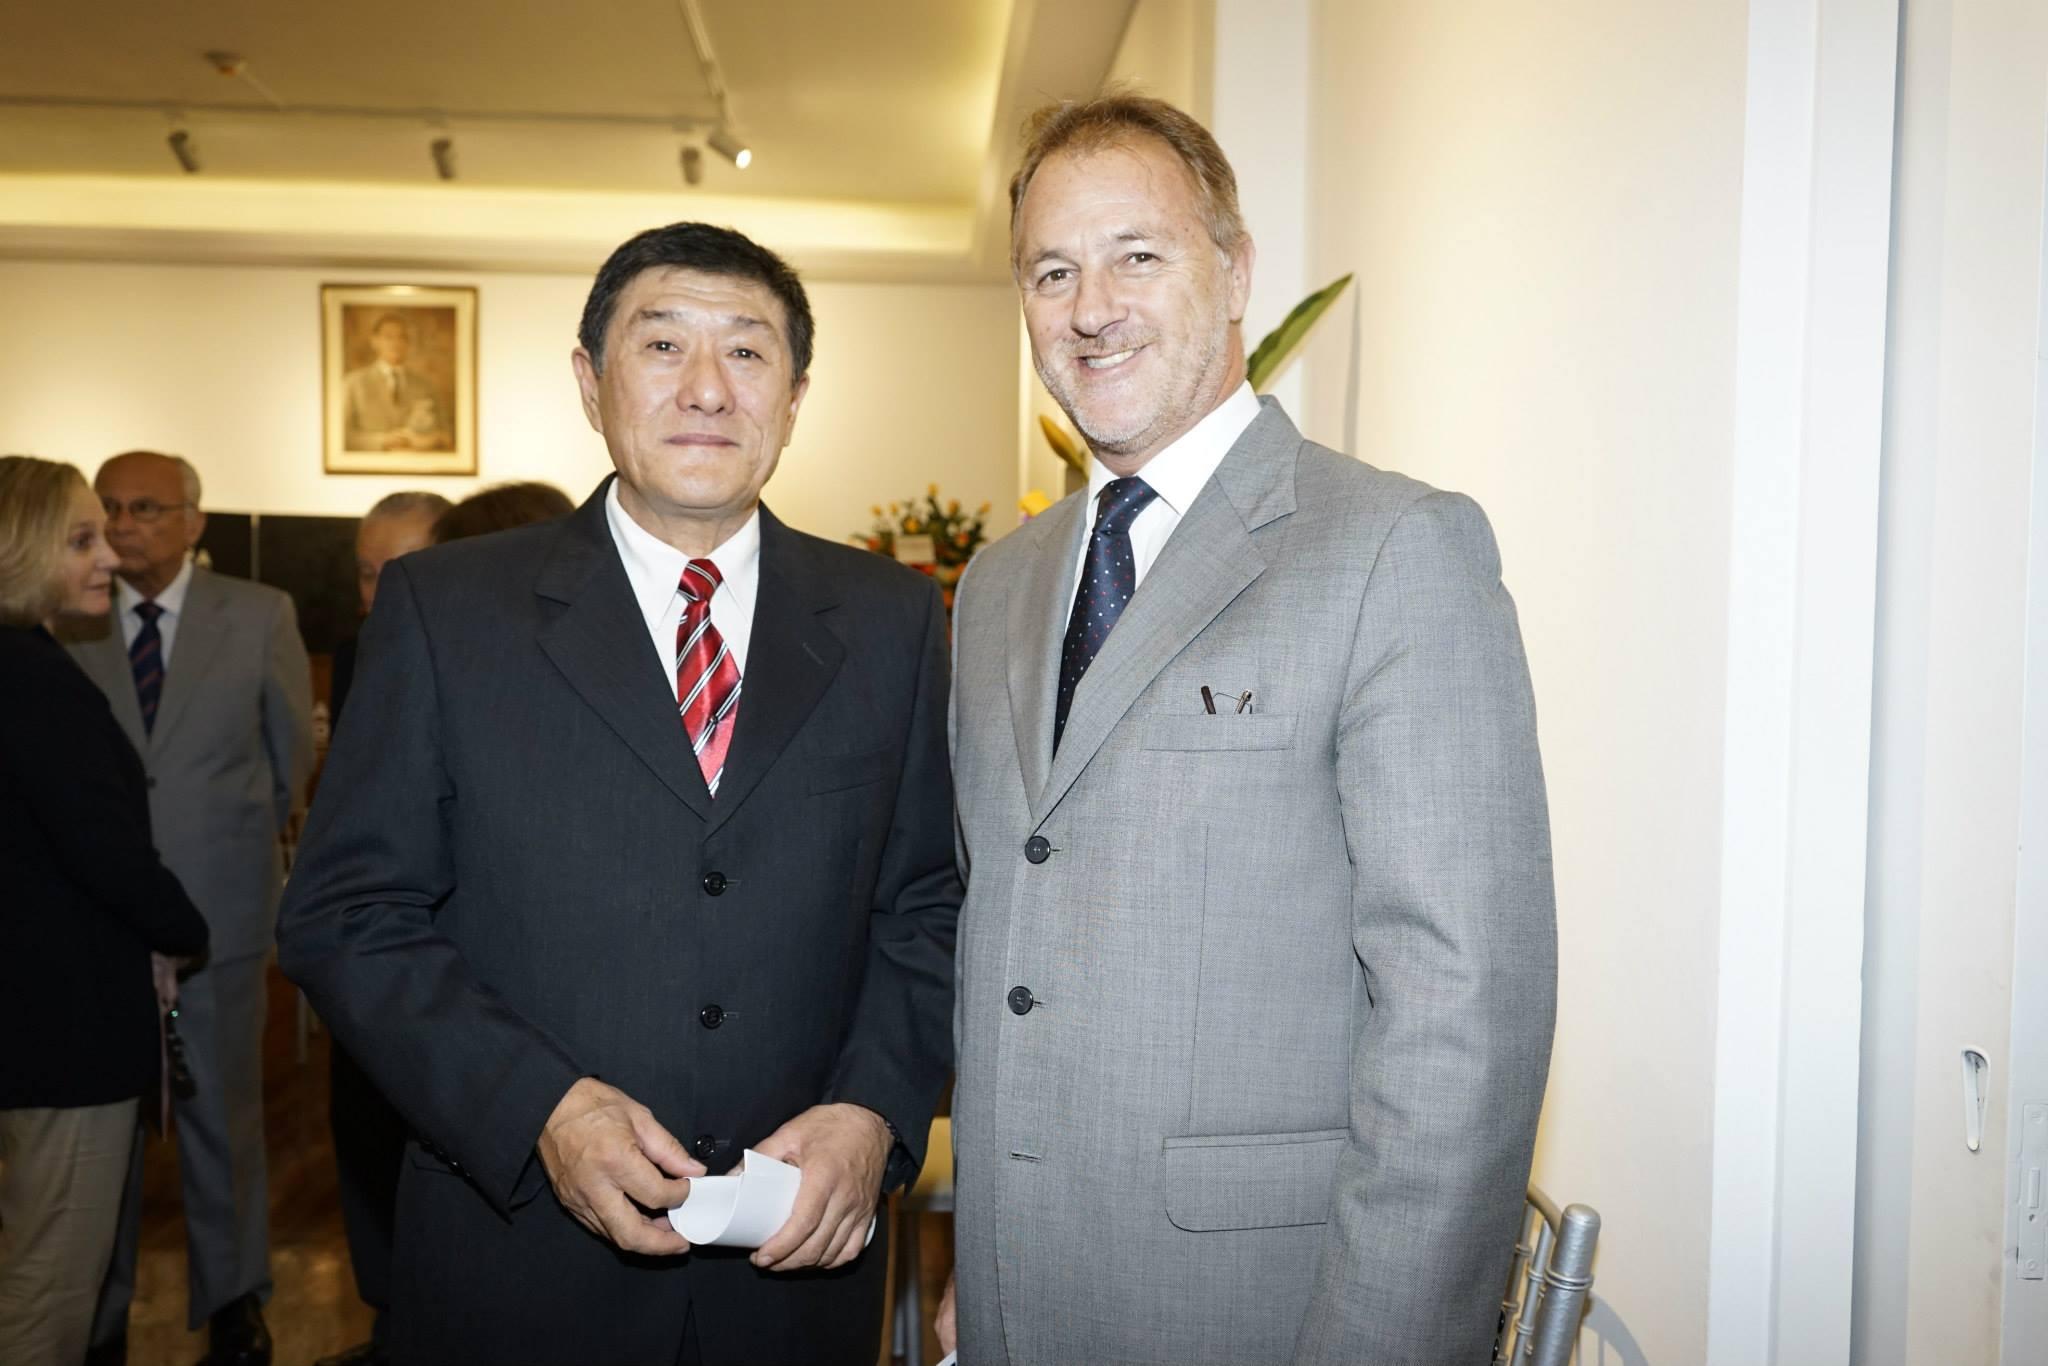 Mario&MayorWellsMuseoAmano.jpg